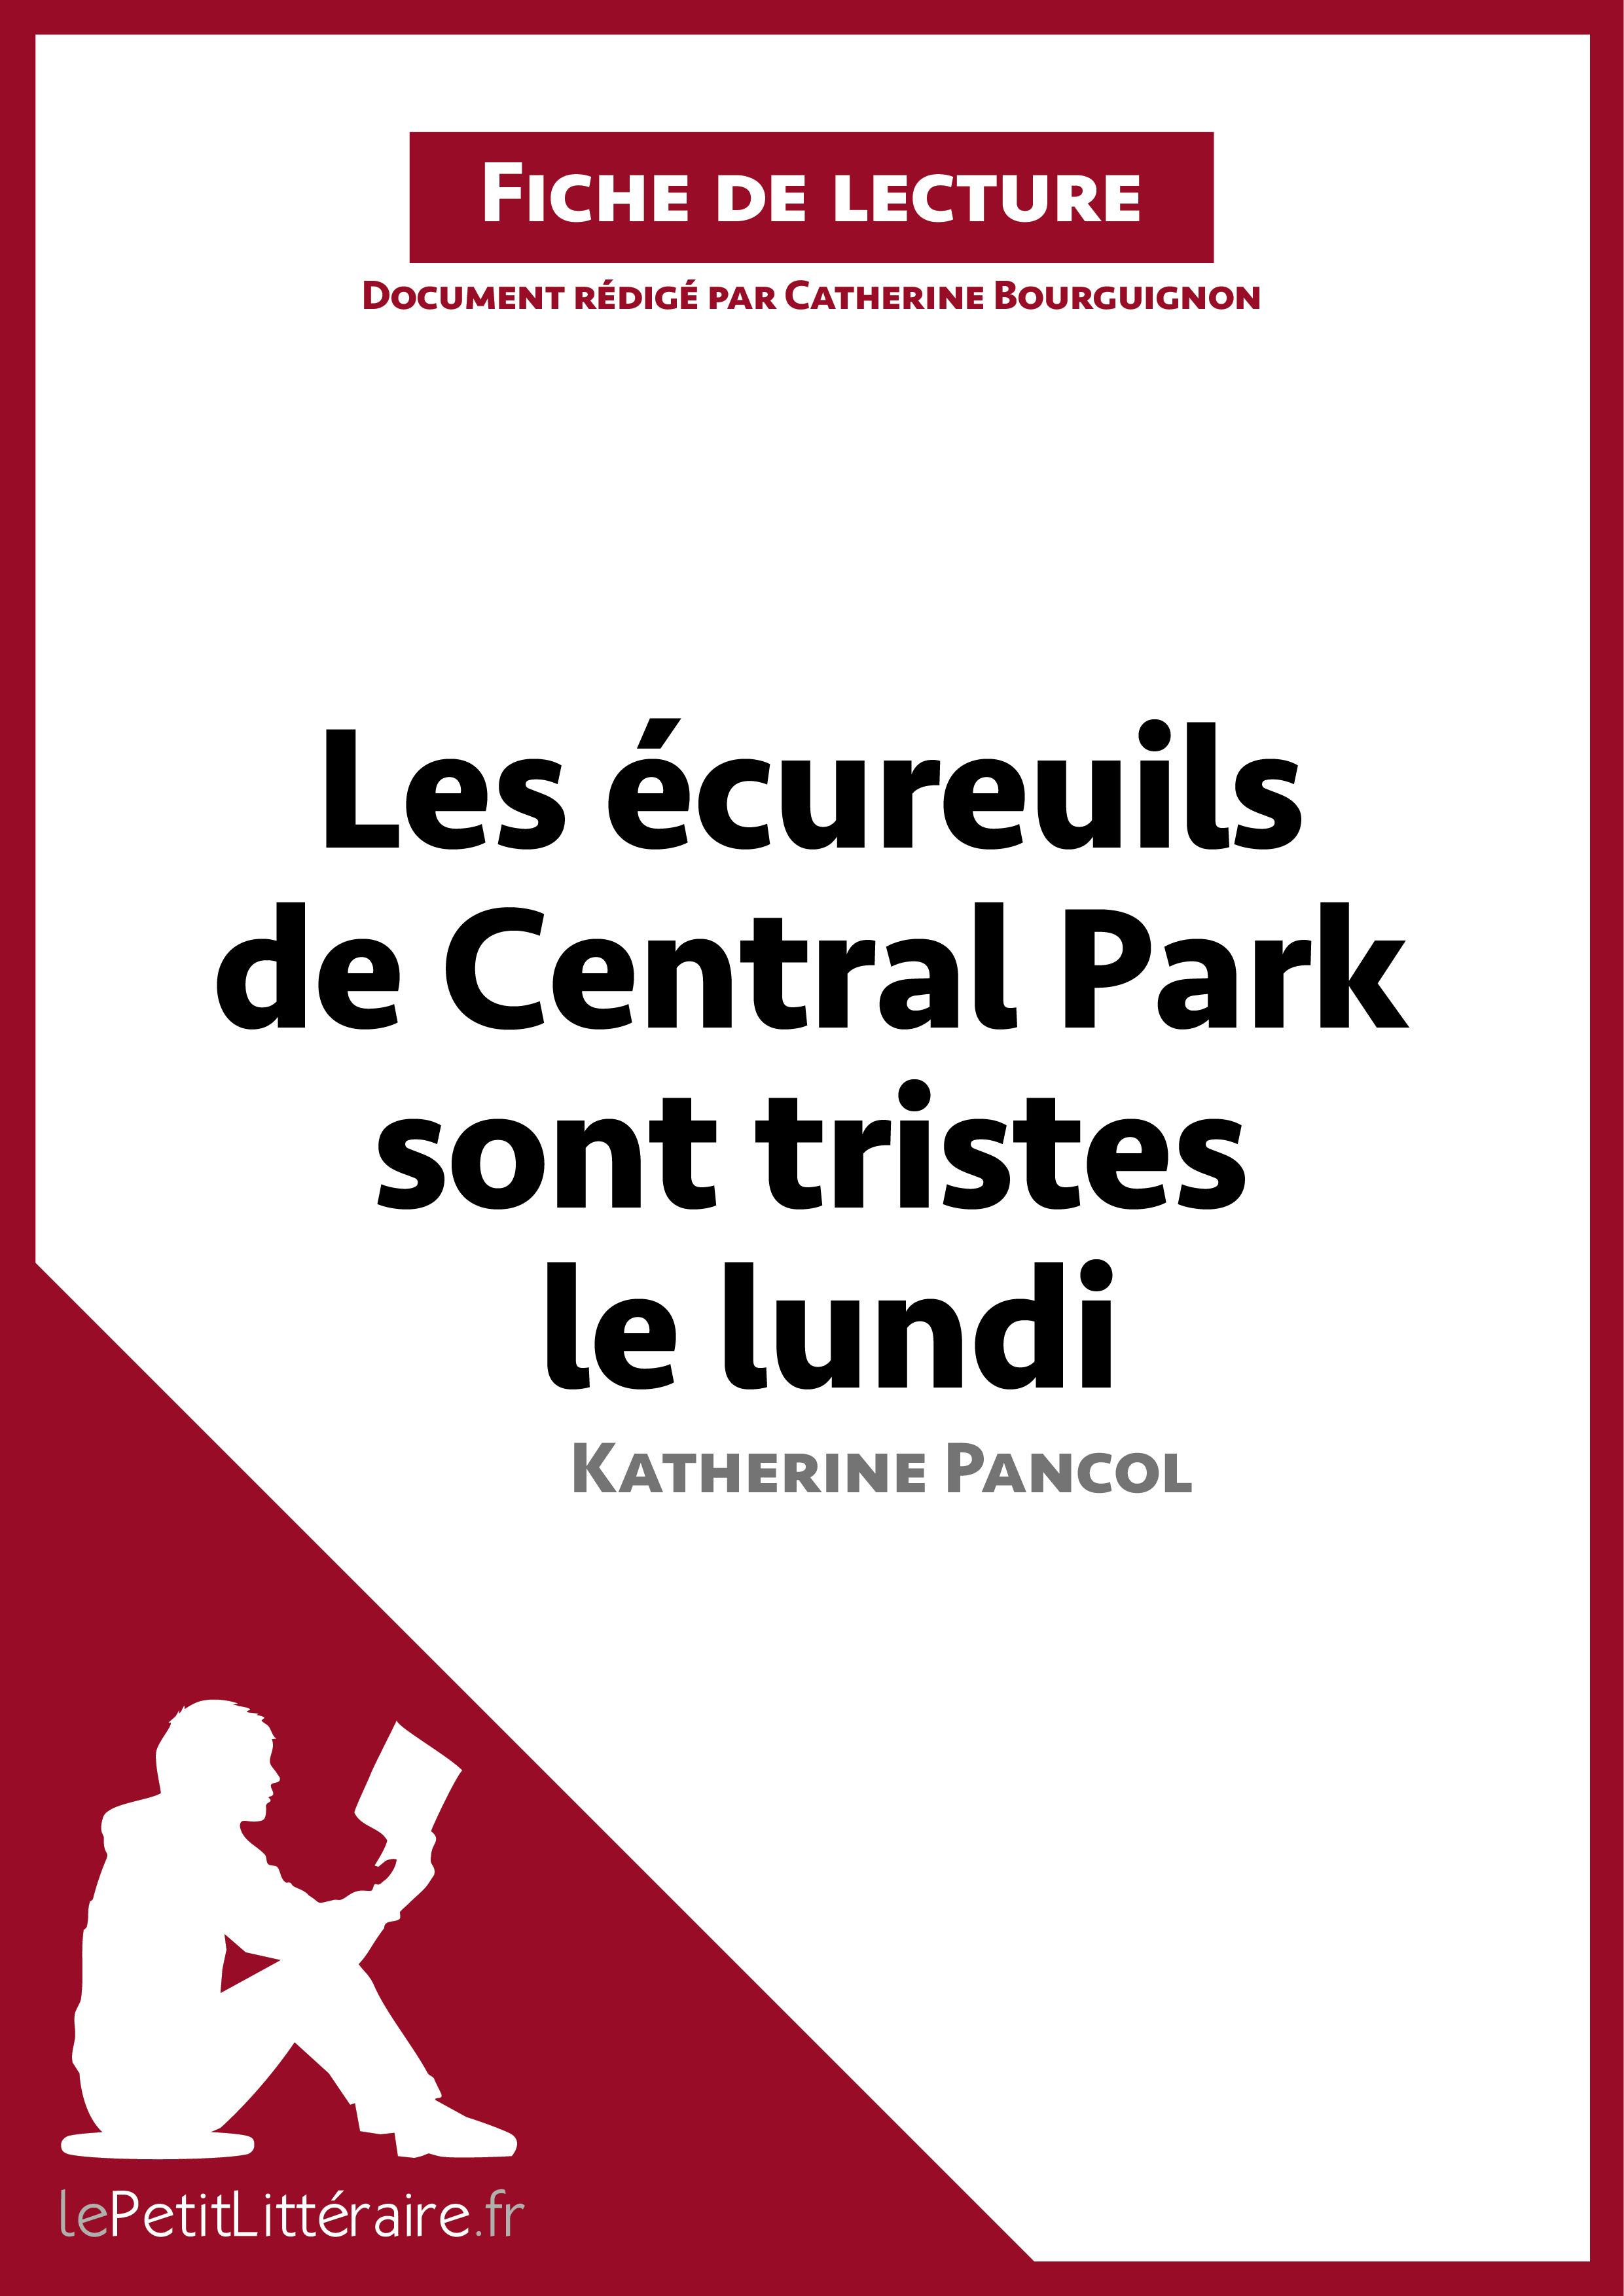 Les écureuils de Central Park sont tristes le lundi